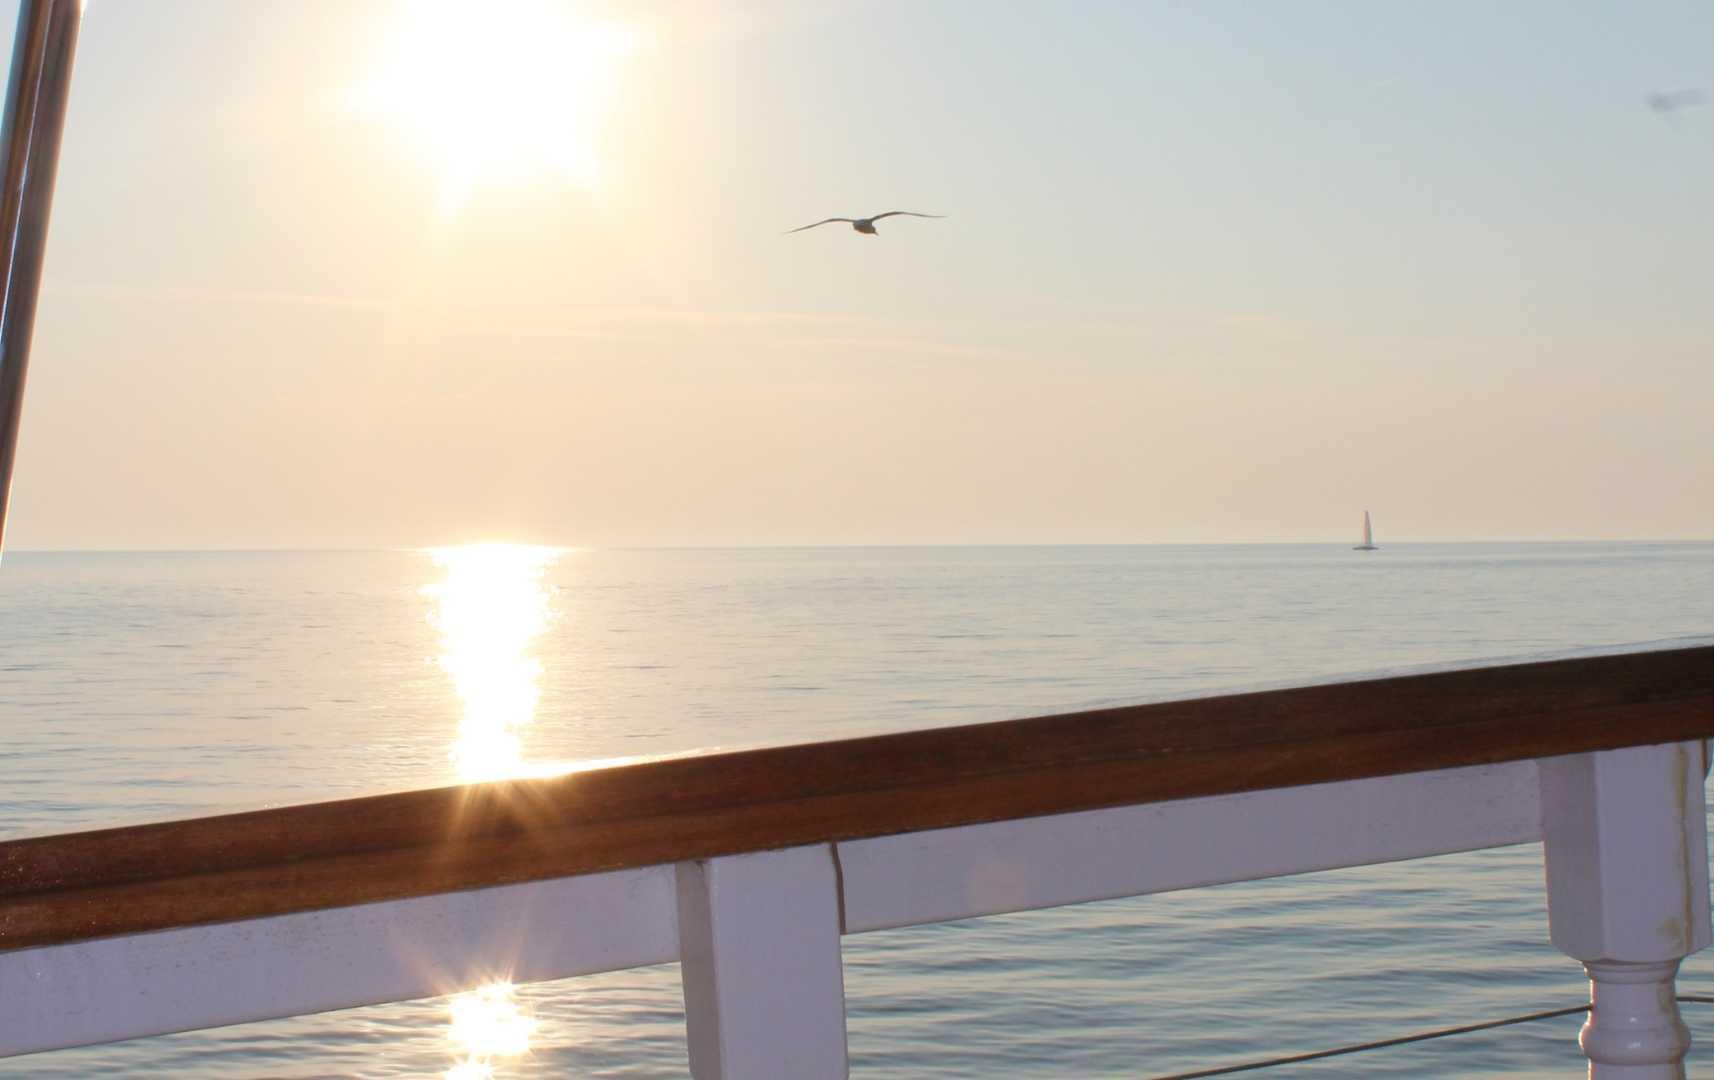 Pula Delfin-Beobachtung - Kroatien